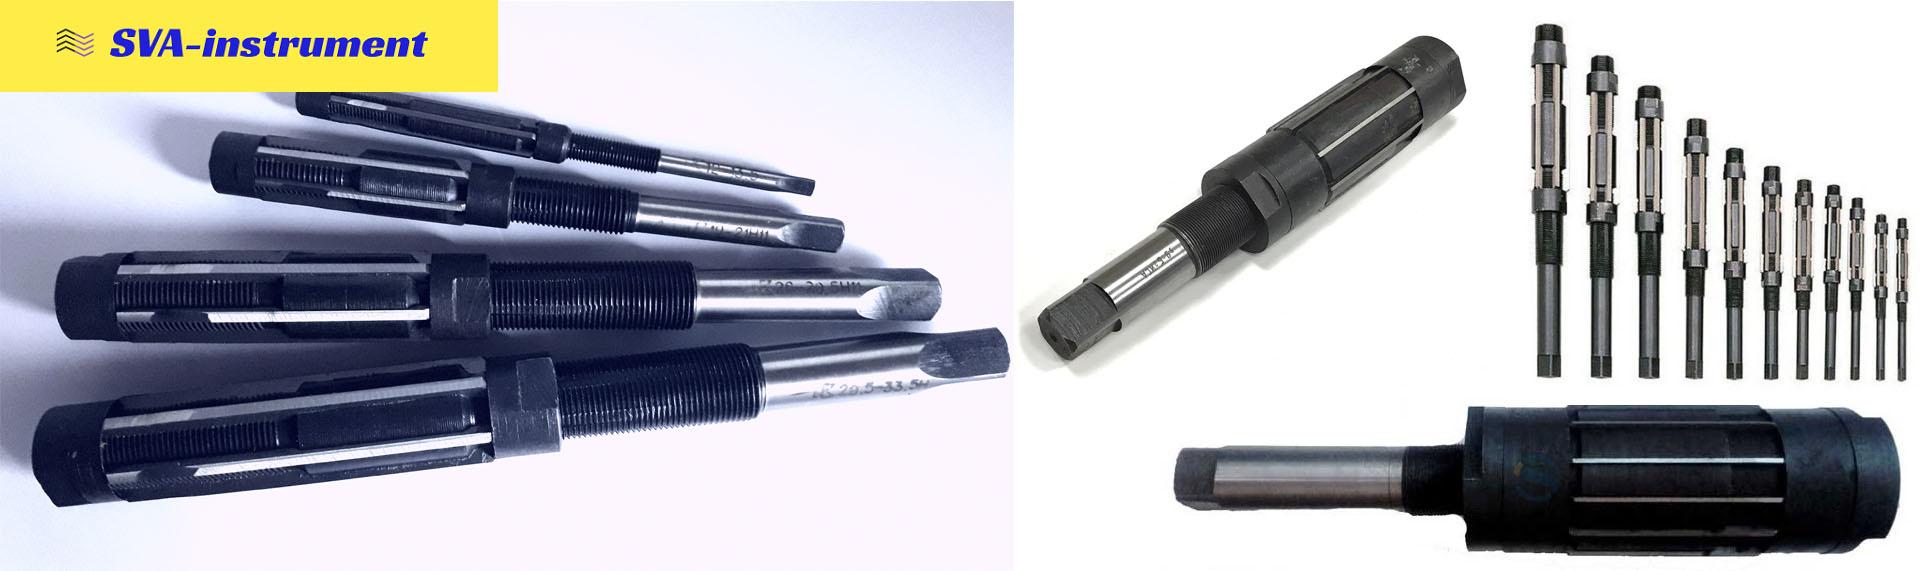 SVA-instrument - выберите инструменты для себя